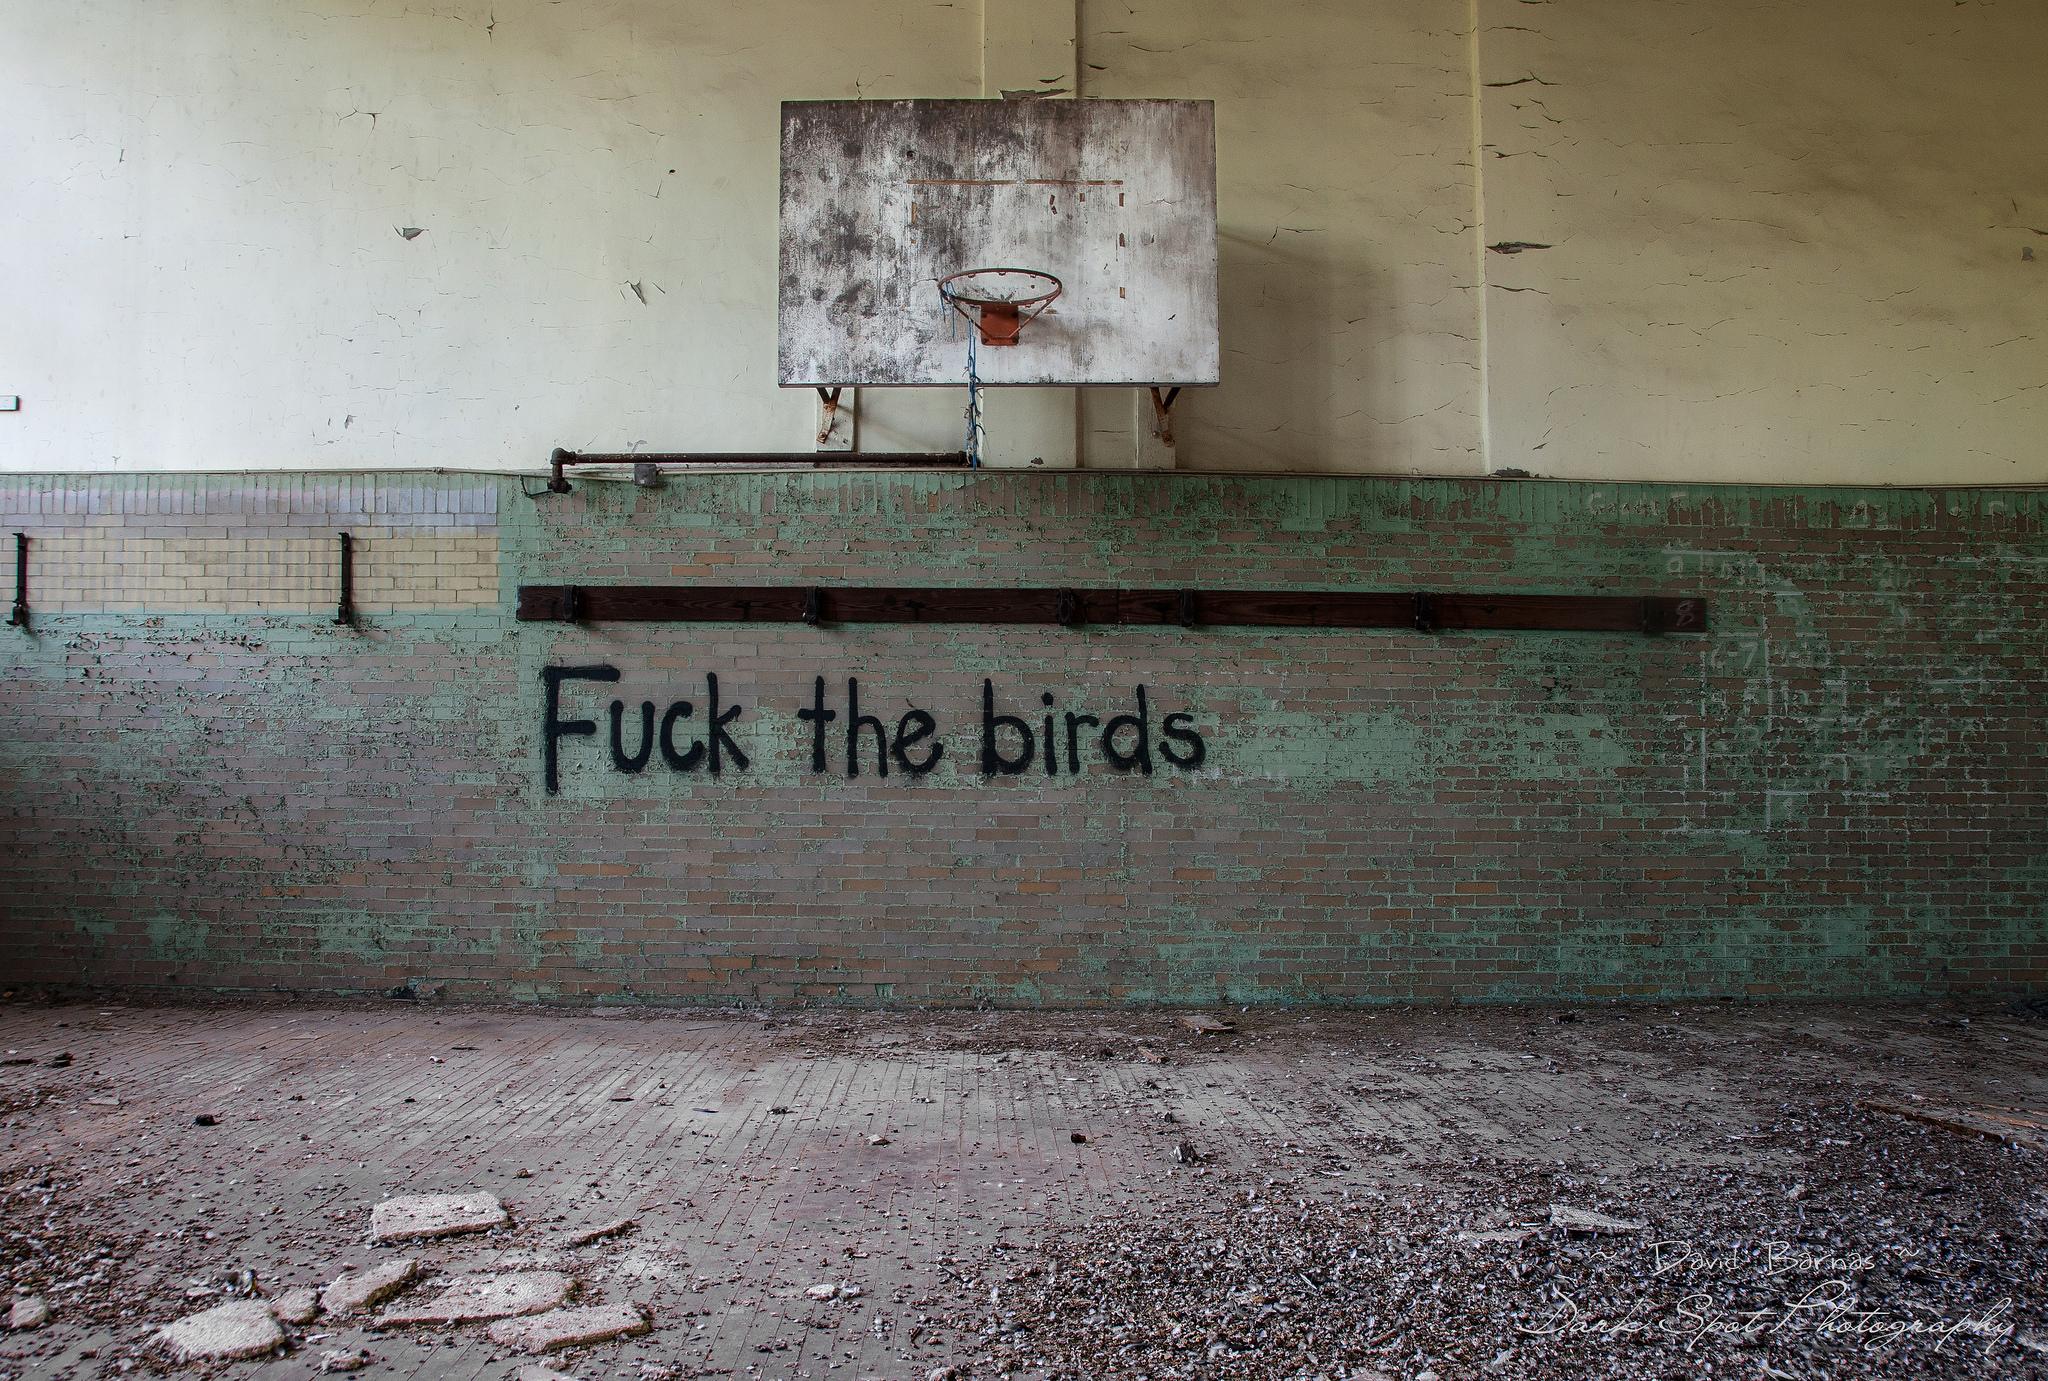 fuckthebirds.jpg